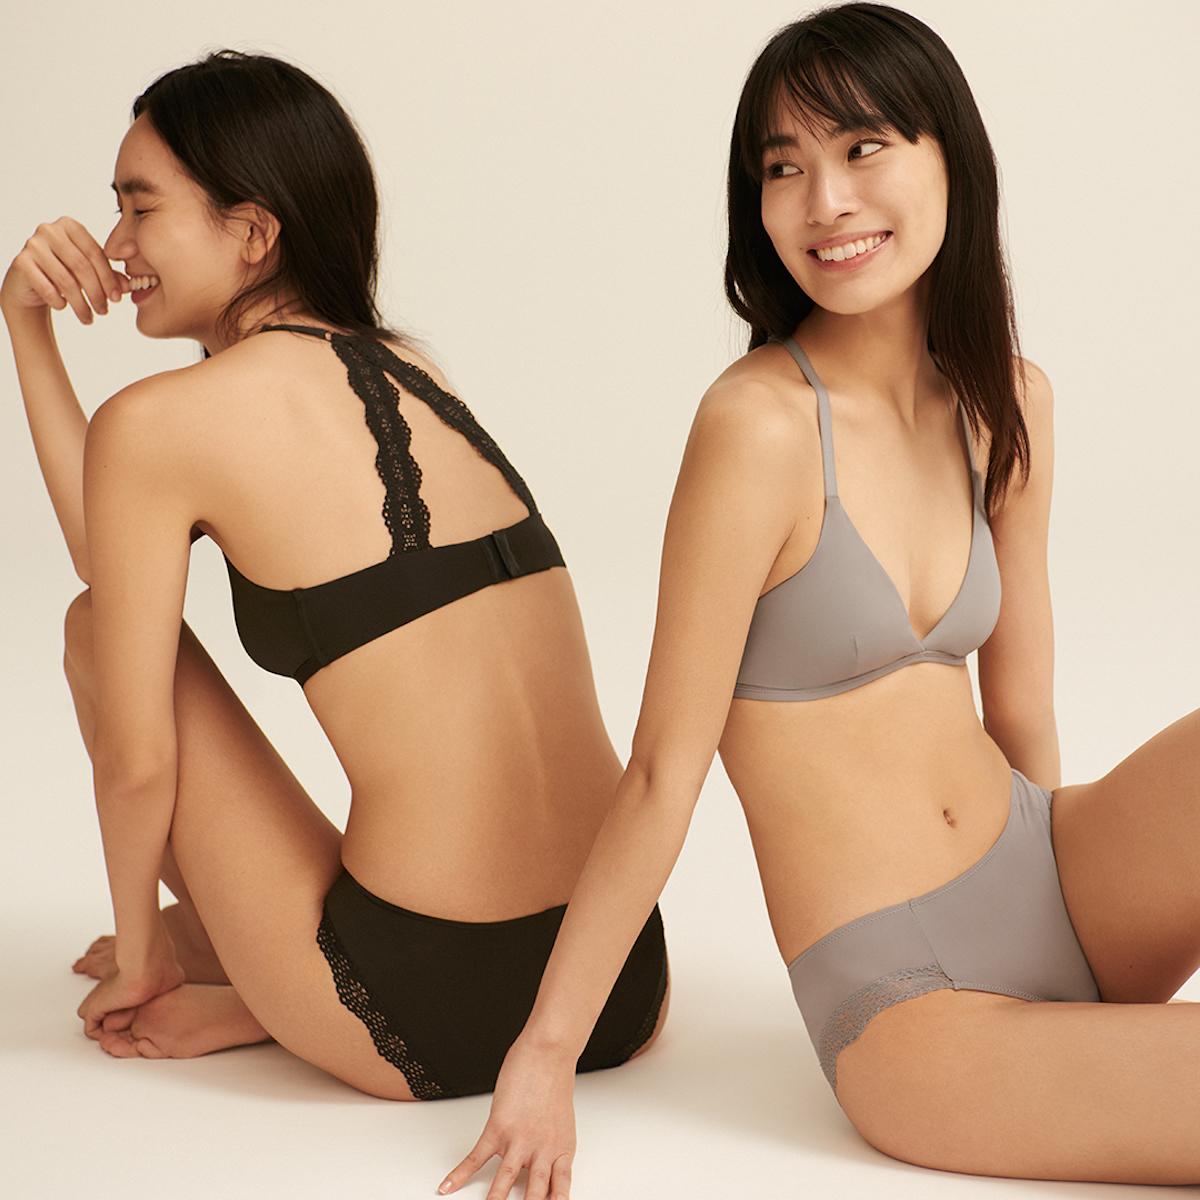 大人女性に優しいランジェリー「Asia Exclusive Collection」がH&Mから登場